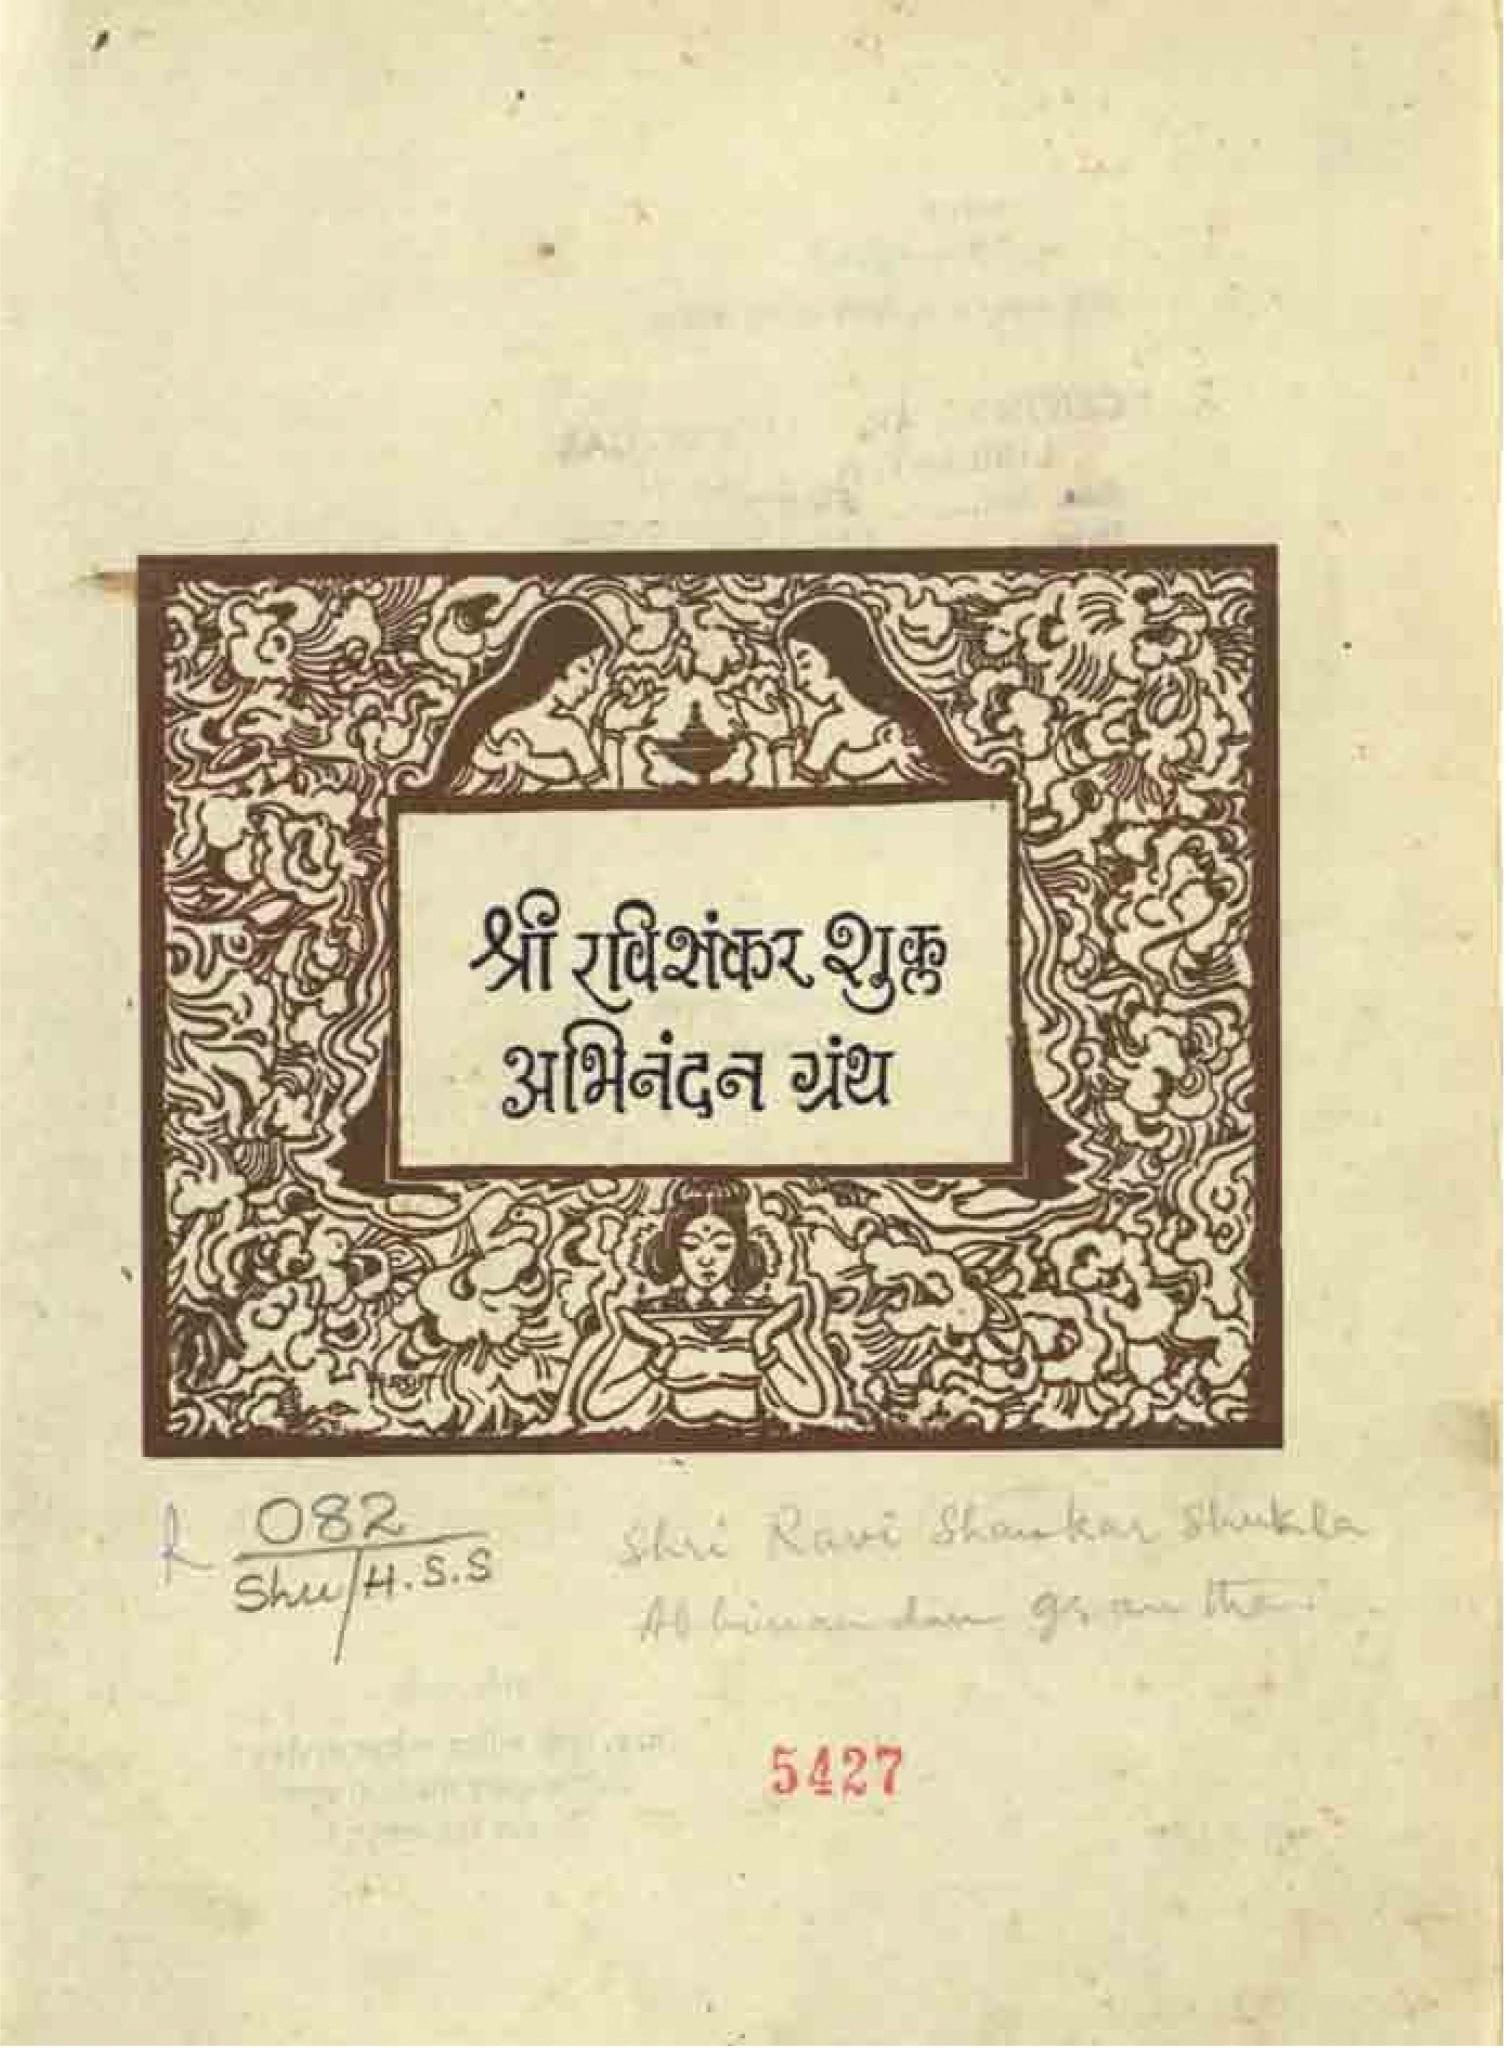 Shree Ravi Shankar Shukla Abhinandan Granth by रामगोपाल महेश्वरी - Ramgopal Maheswari